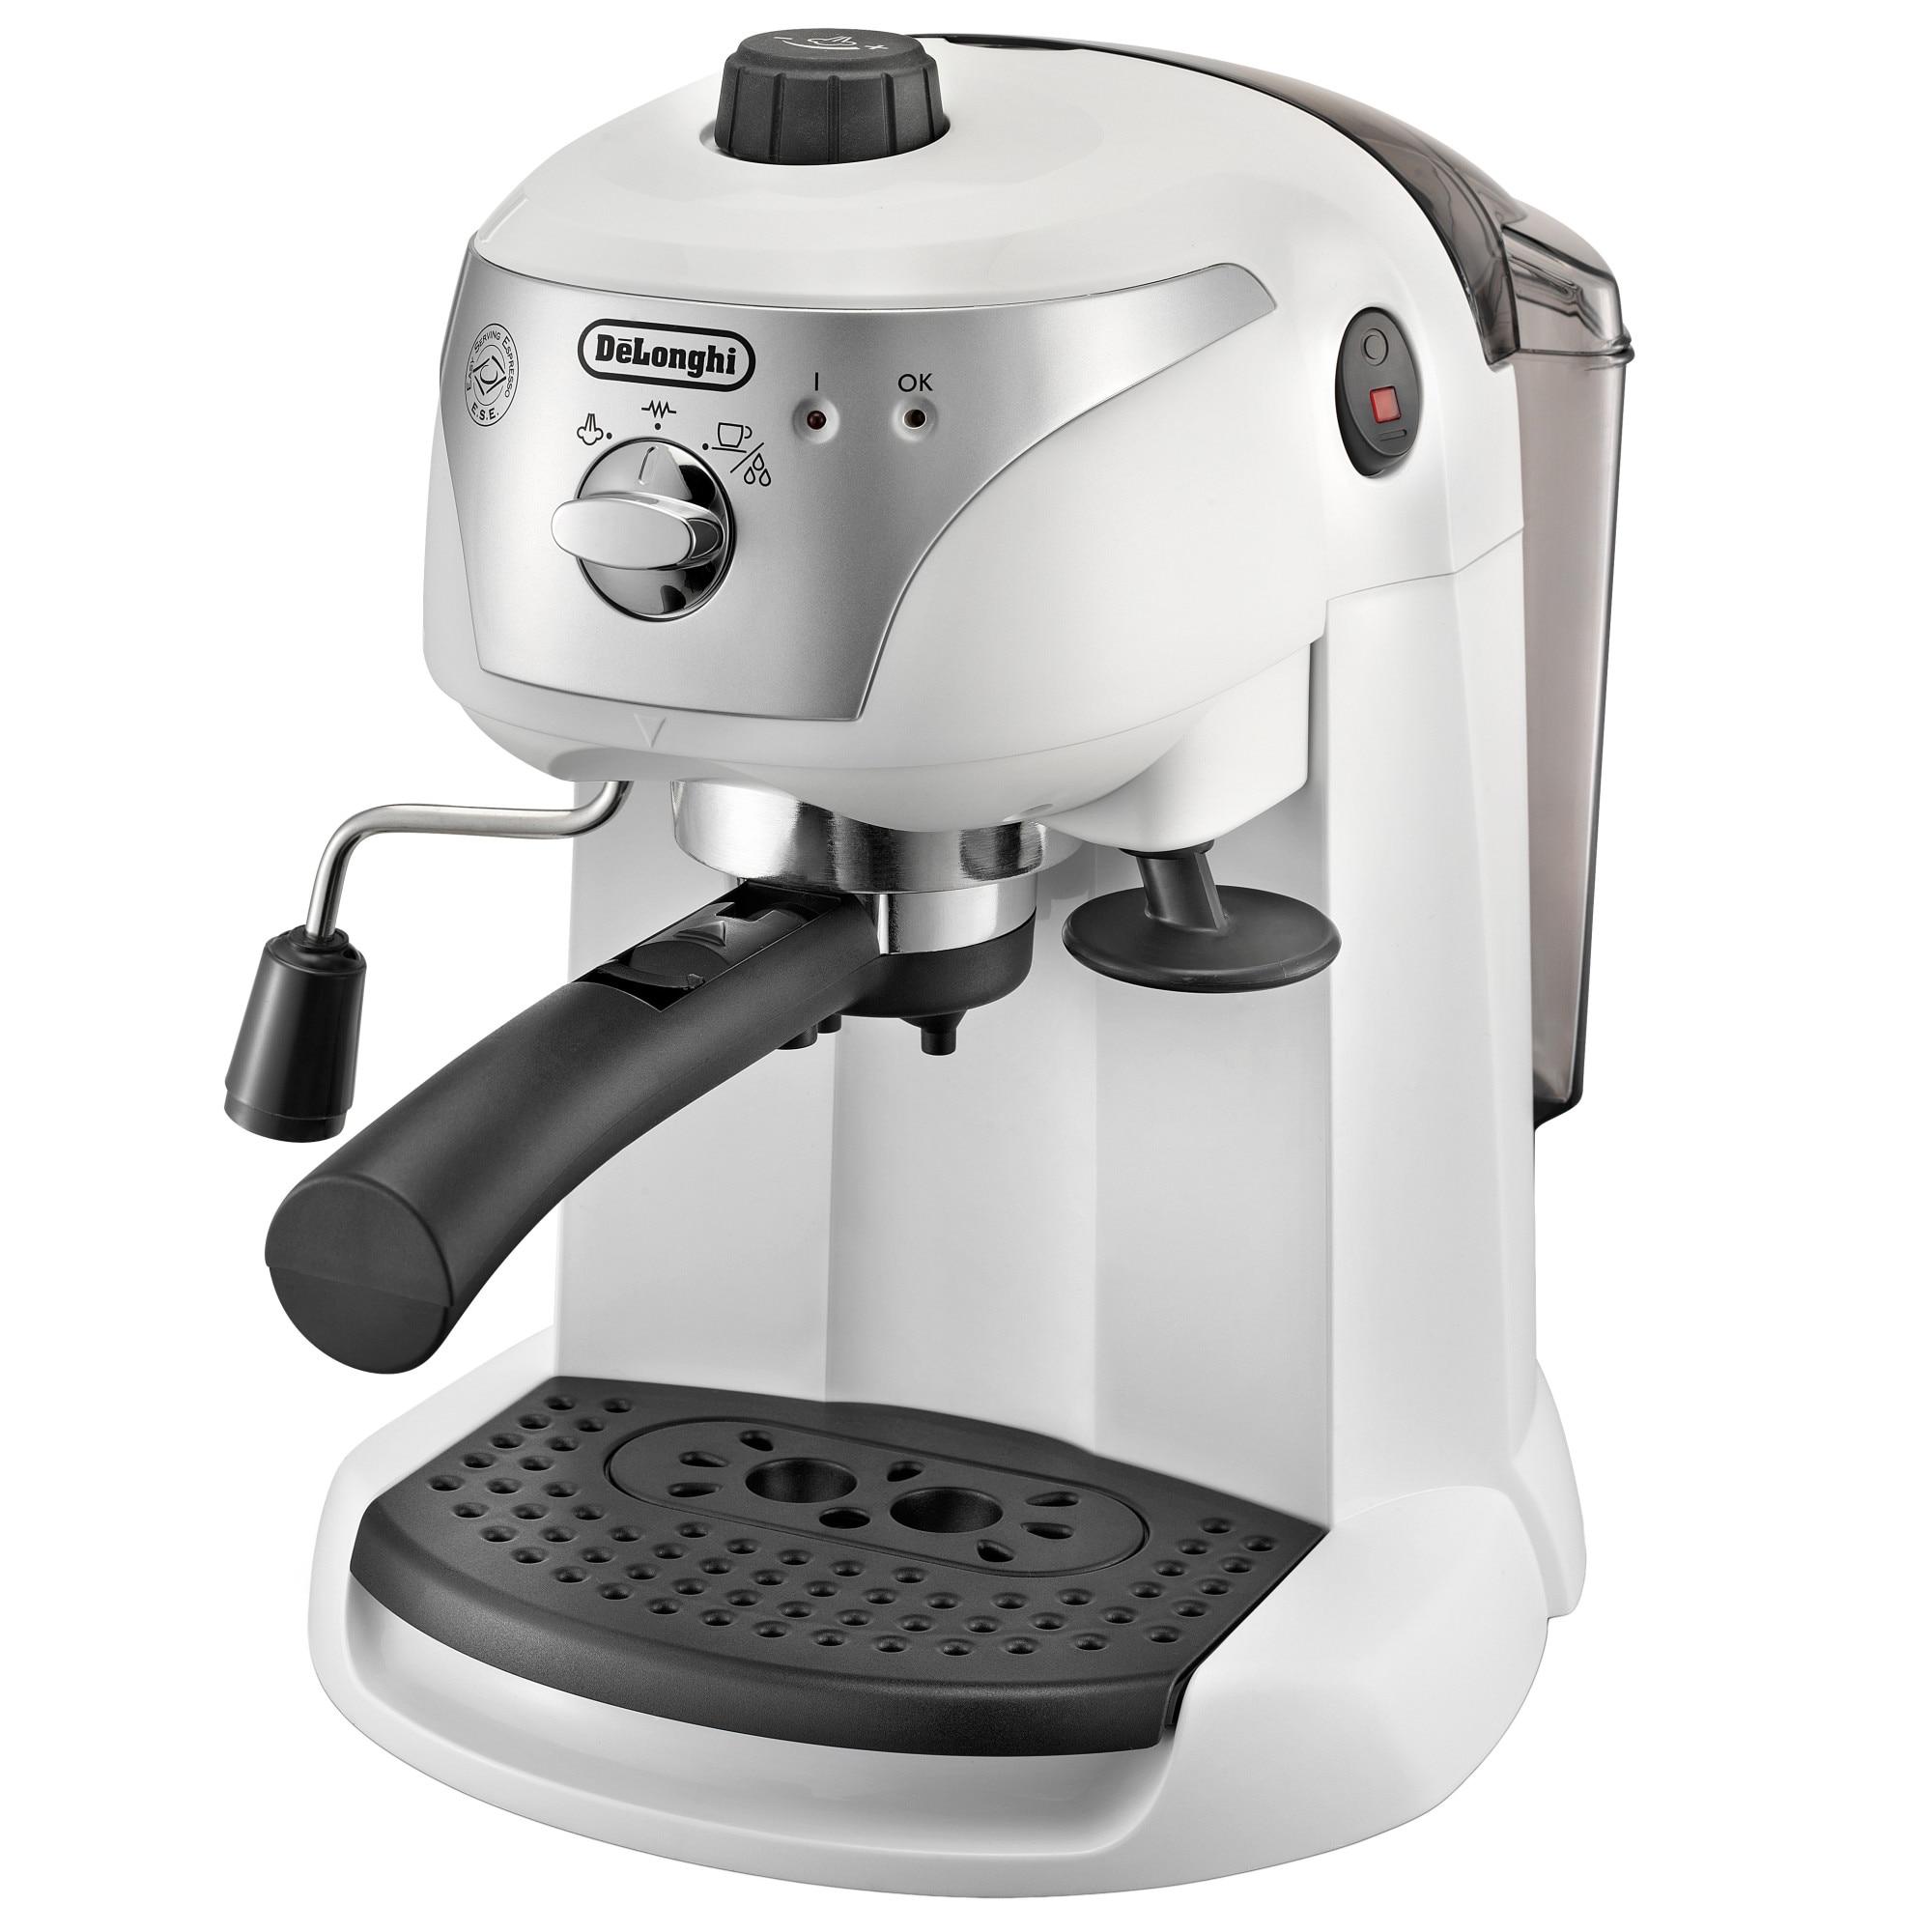 Fotografie Espressor manual De'Longhi EC221.W, Dispozitiv spumare, Sistem cappuccino, 15 Bar, 1 l, Oprire automata, Alb